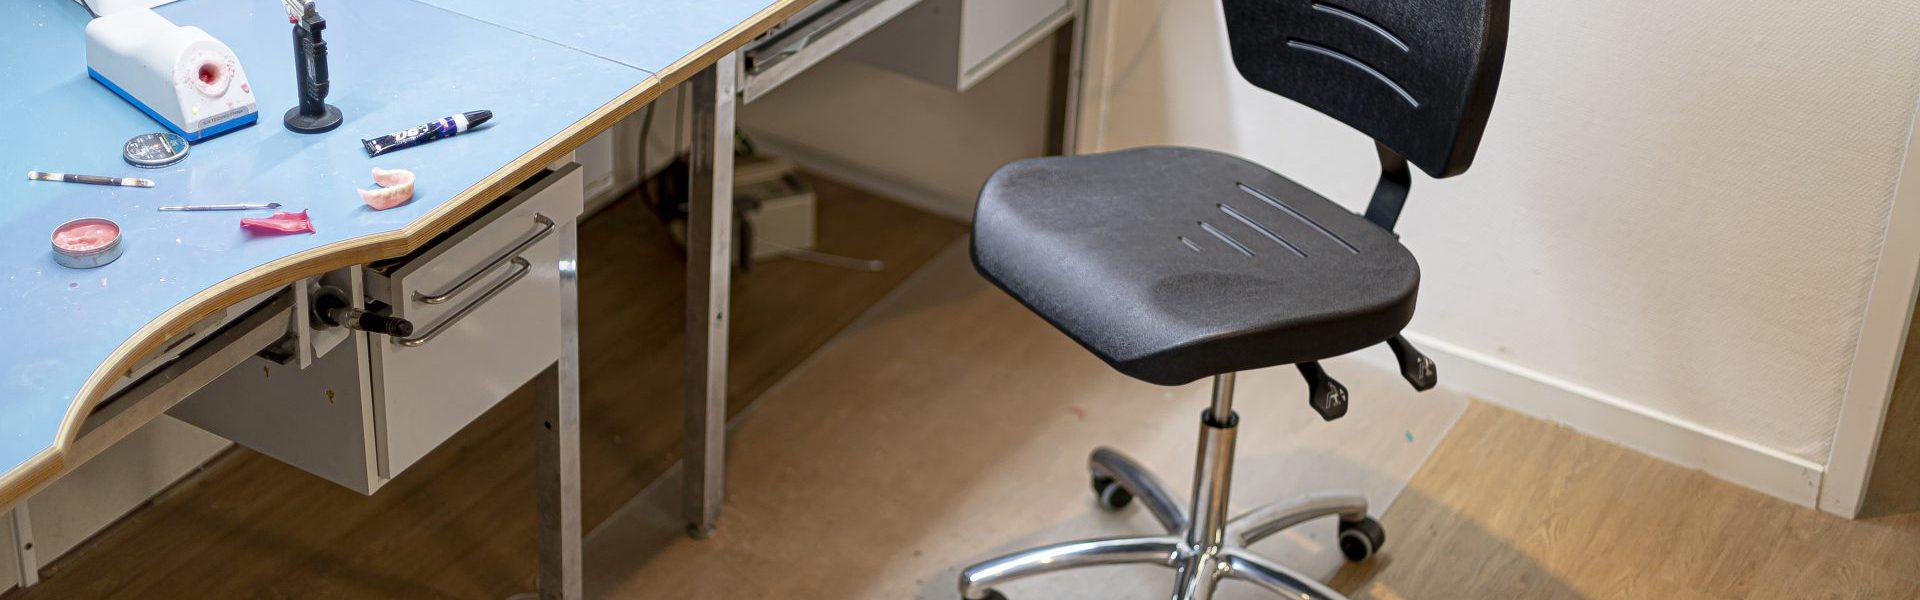 Rodachair MAX-200-4 bedrijfsstoel bureaustoel werkstoel